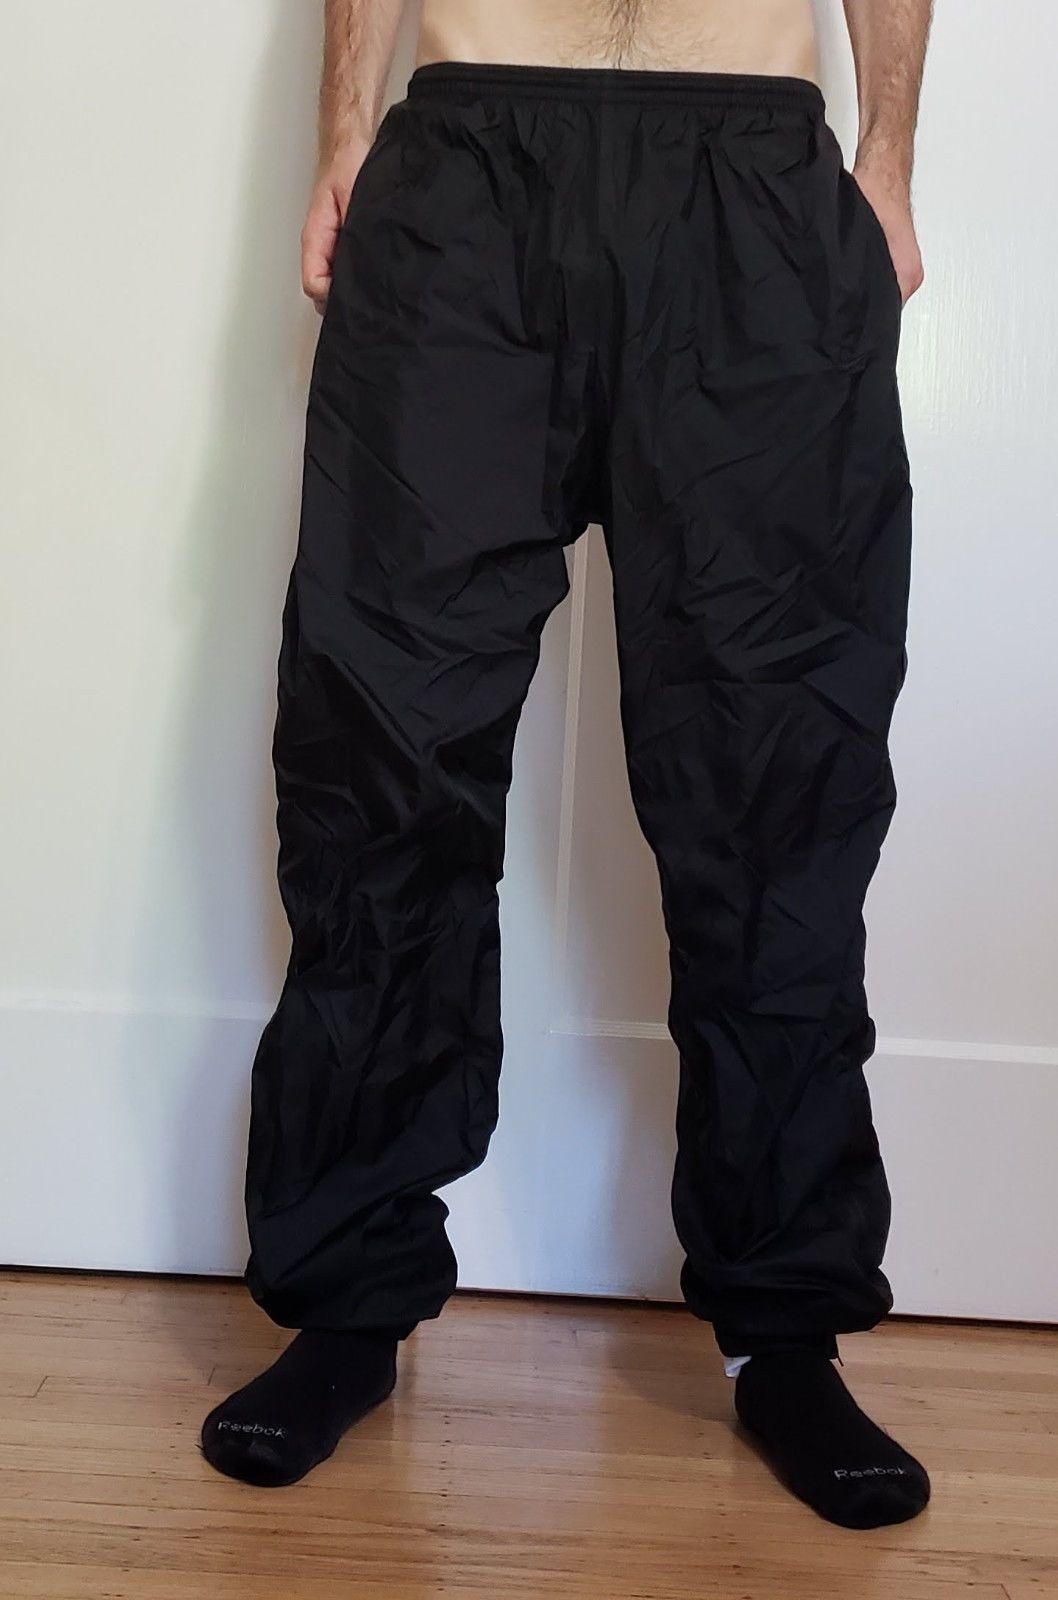 3ab1770a3744c Nike Men's Black Nylon Track Pants, Large | eBay | nylon pants ...